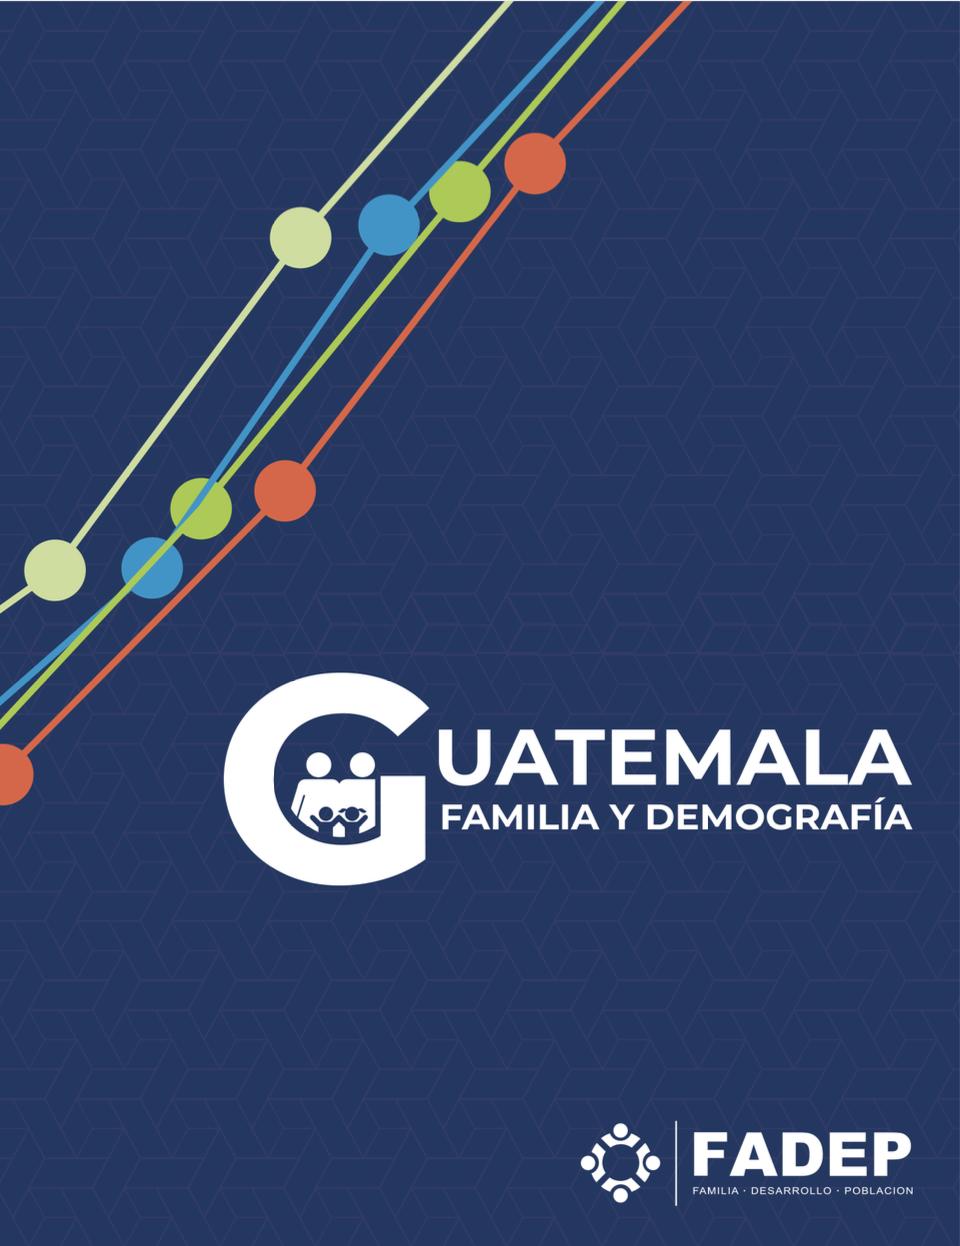 Guatemala: Familia y Demografía